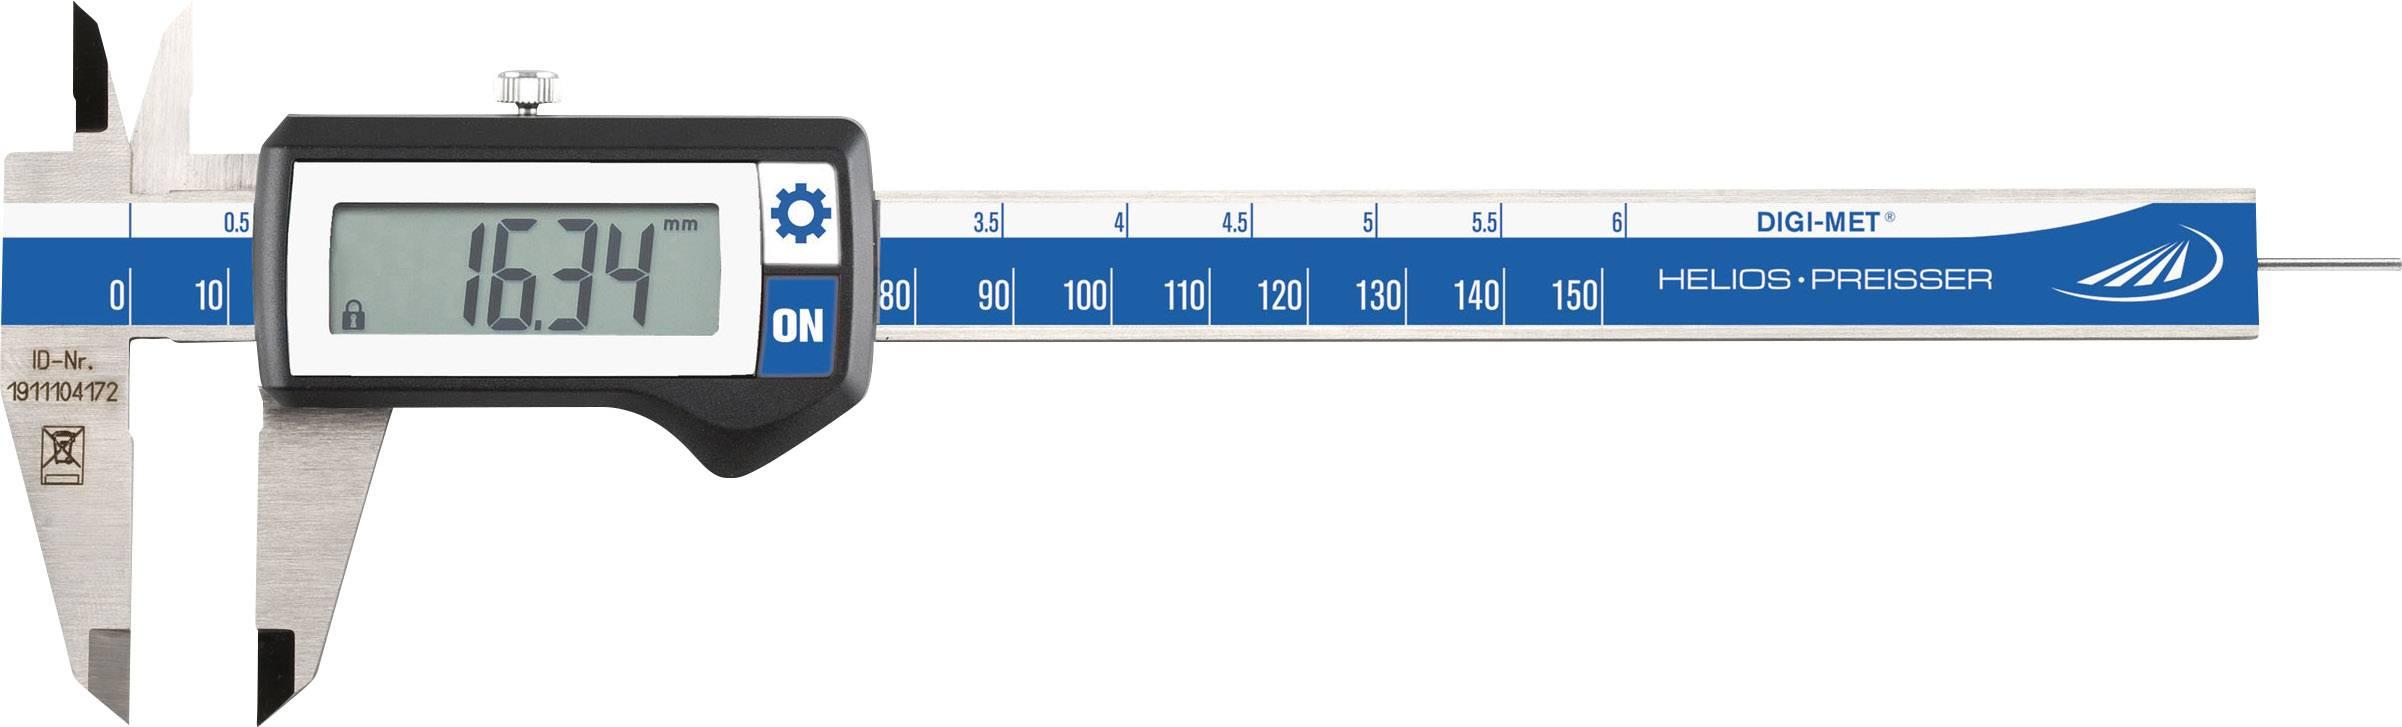 Digitální posuvné měřítko HELIOS PREISSER DIGI-MET 1320416, měřicí rozsah 150 mm, Kalibrováno dle bez certifikátu